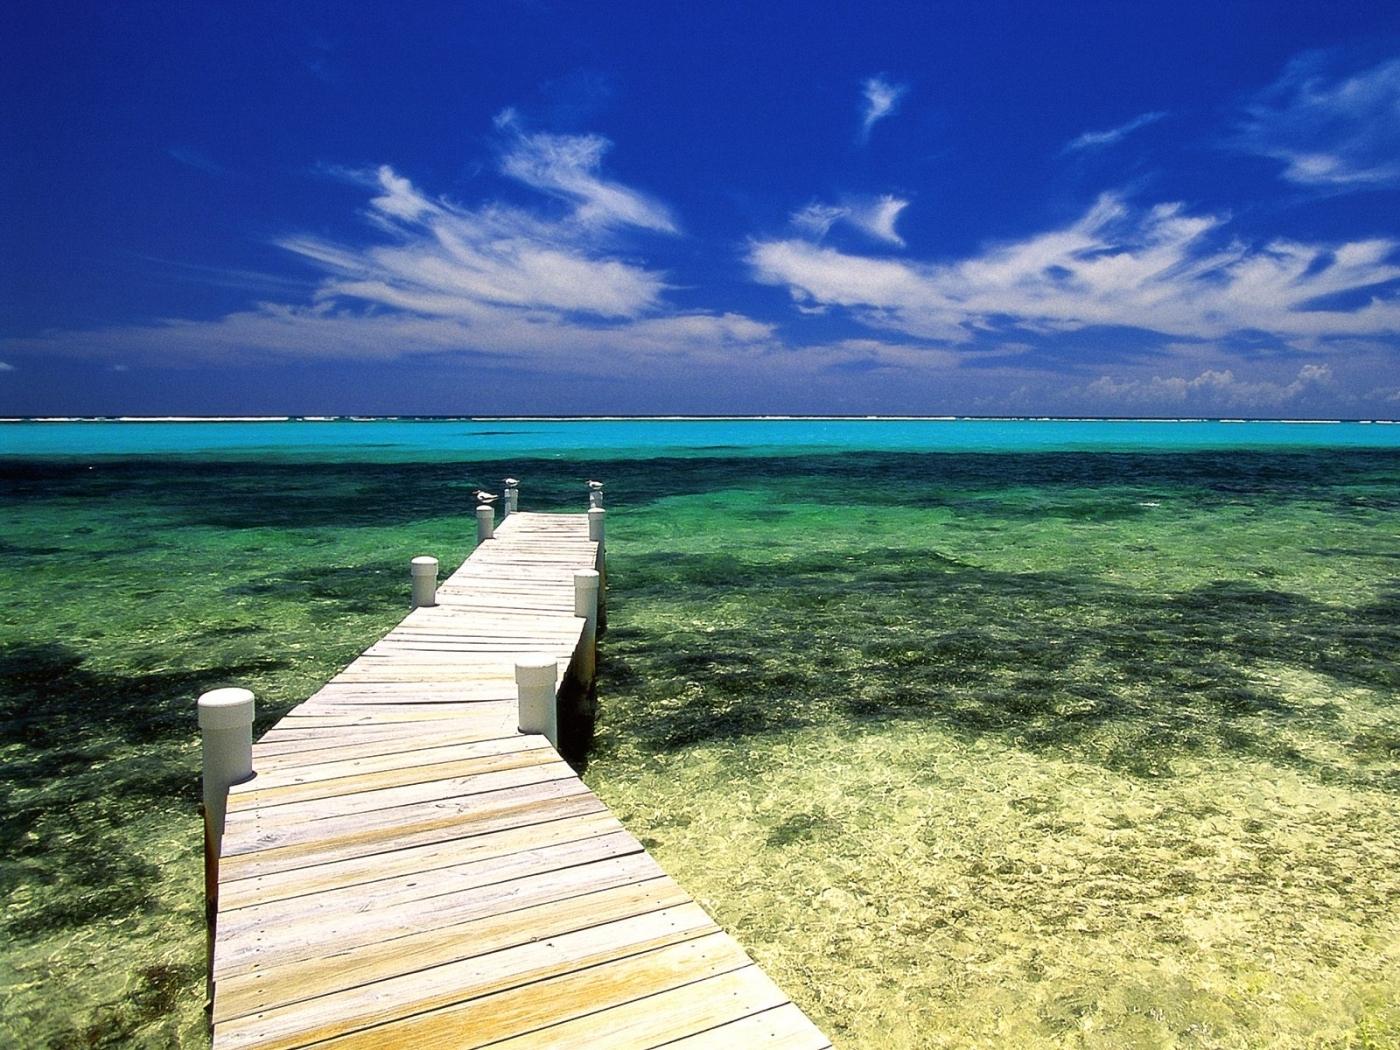 28395 скачать обои Пейзаж, Море, Облака - заставки и картинки бесплатно